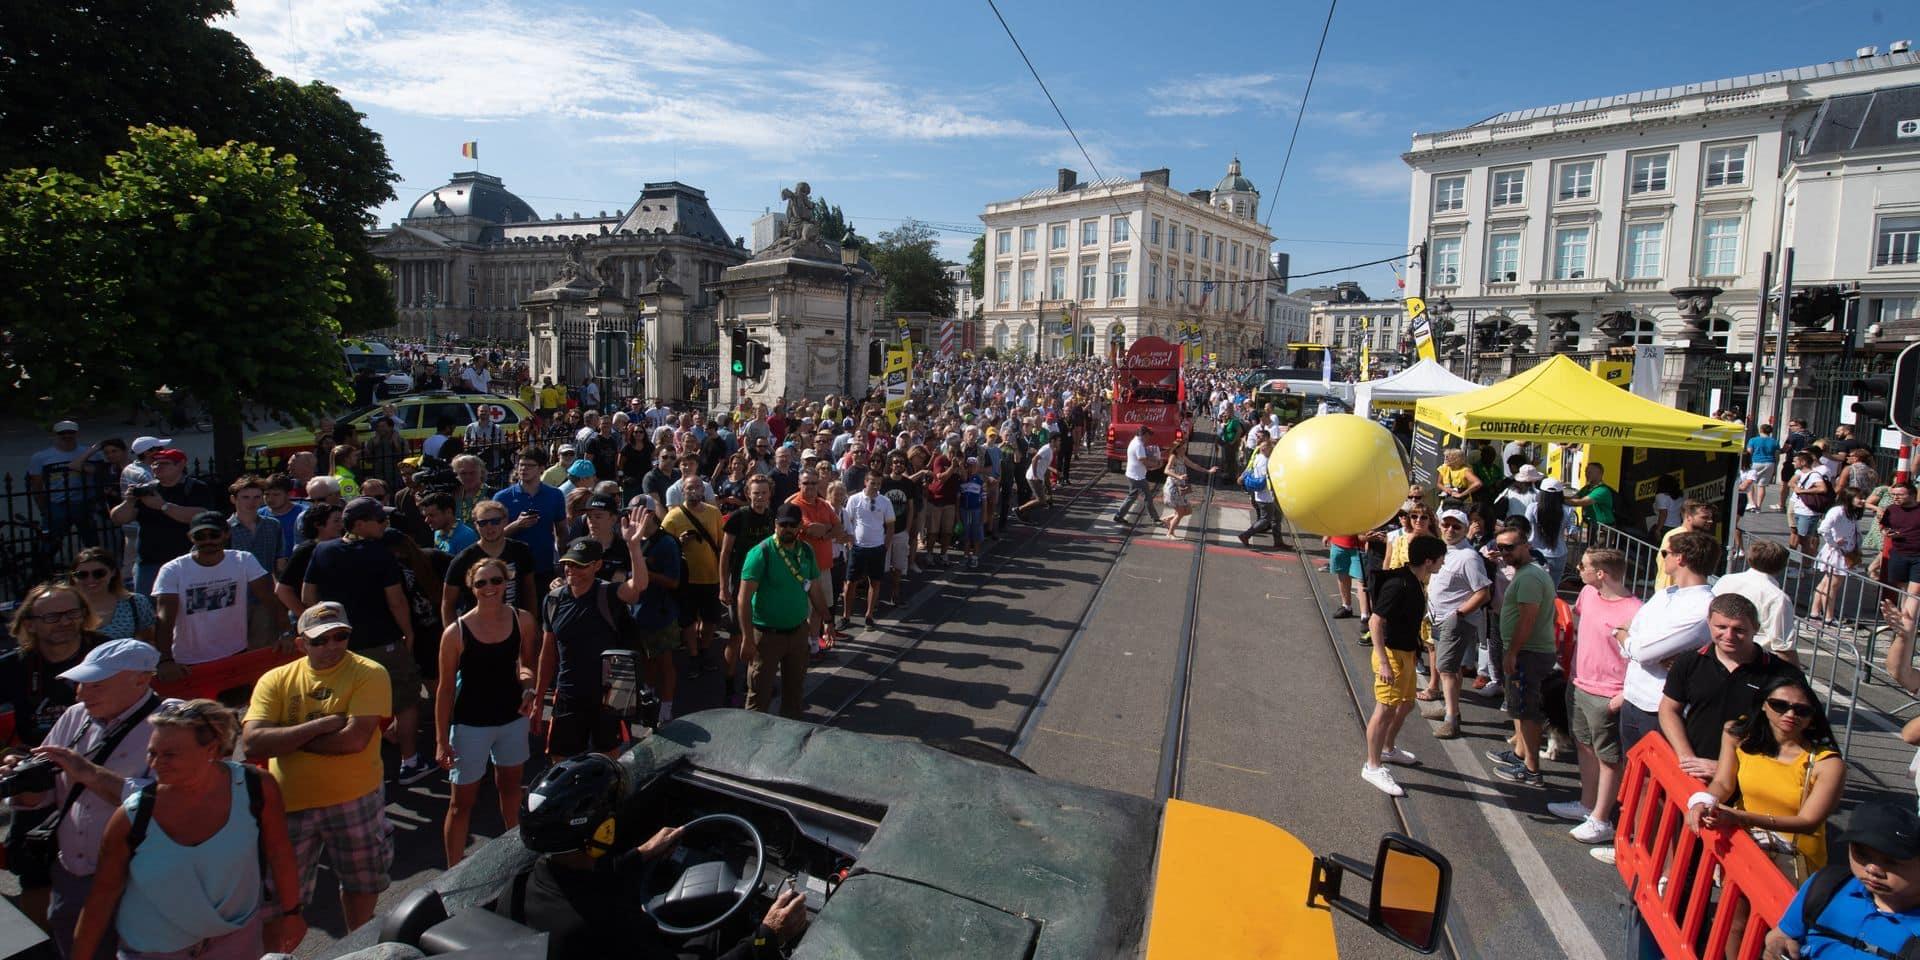 Le Tour de France aussi aura son édition virtuelle, avec Van Avermaet et les stars d'Ineos